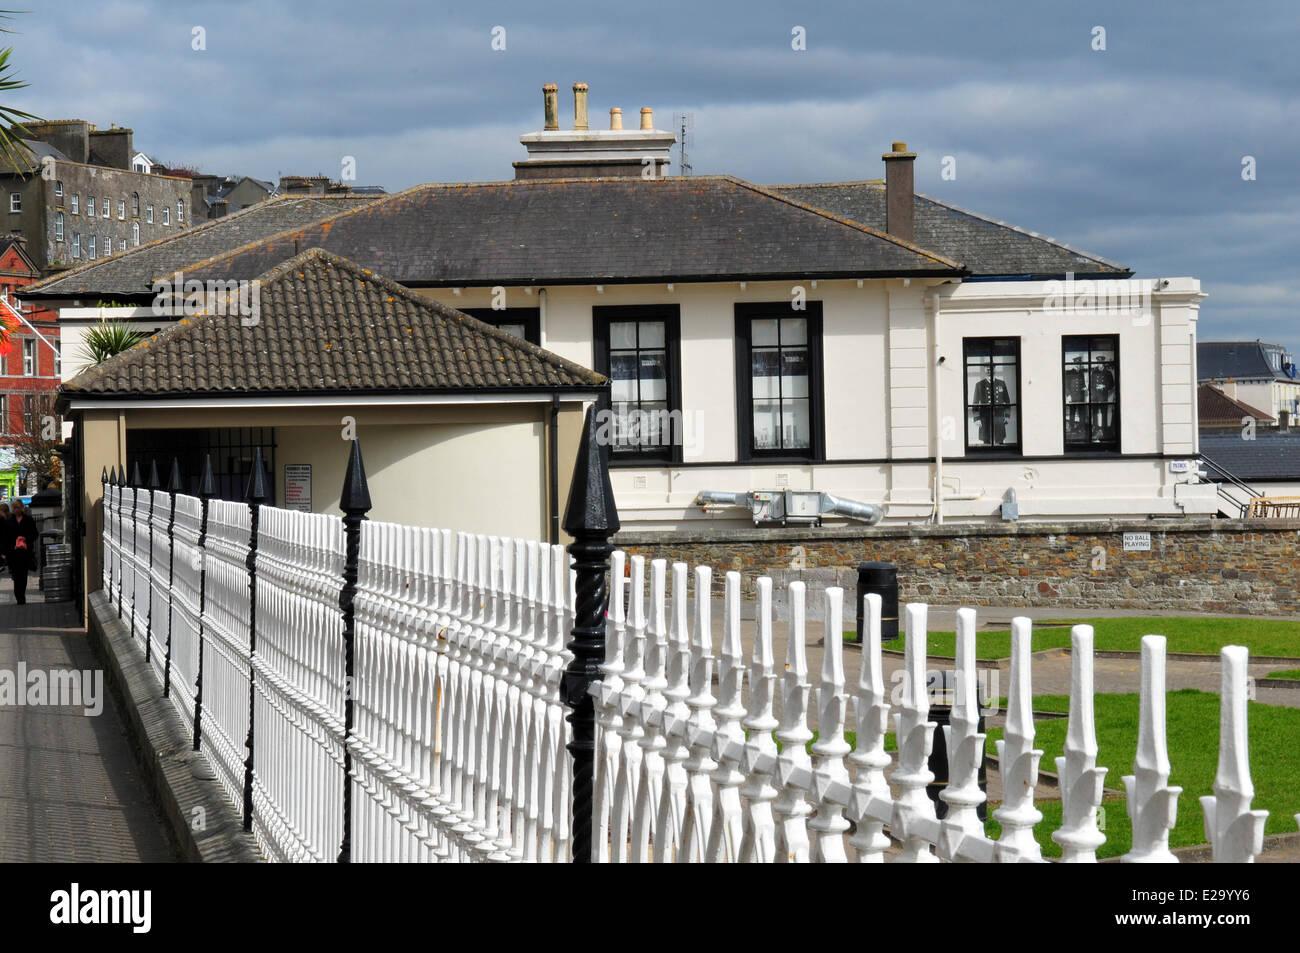 Ireland, Cork County, port city of Cobh, Titanic Museum - Stock Image